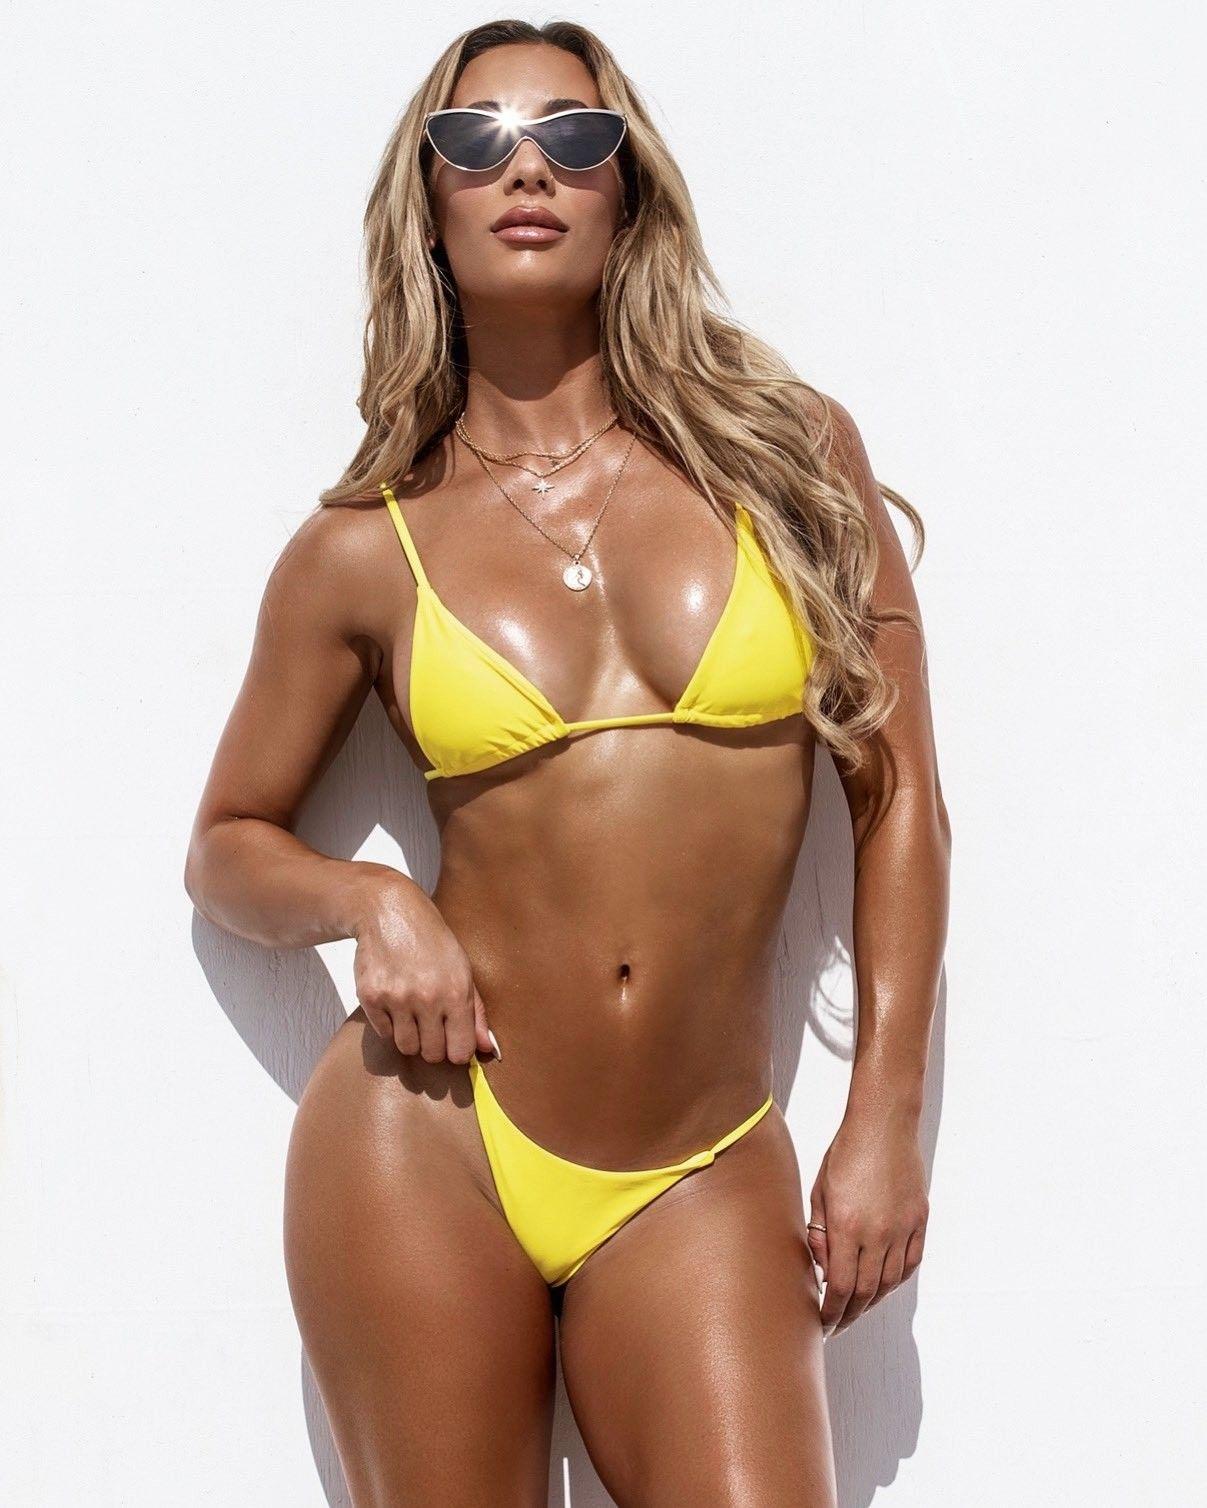 Carmella sexy